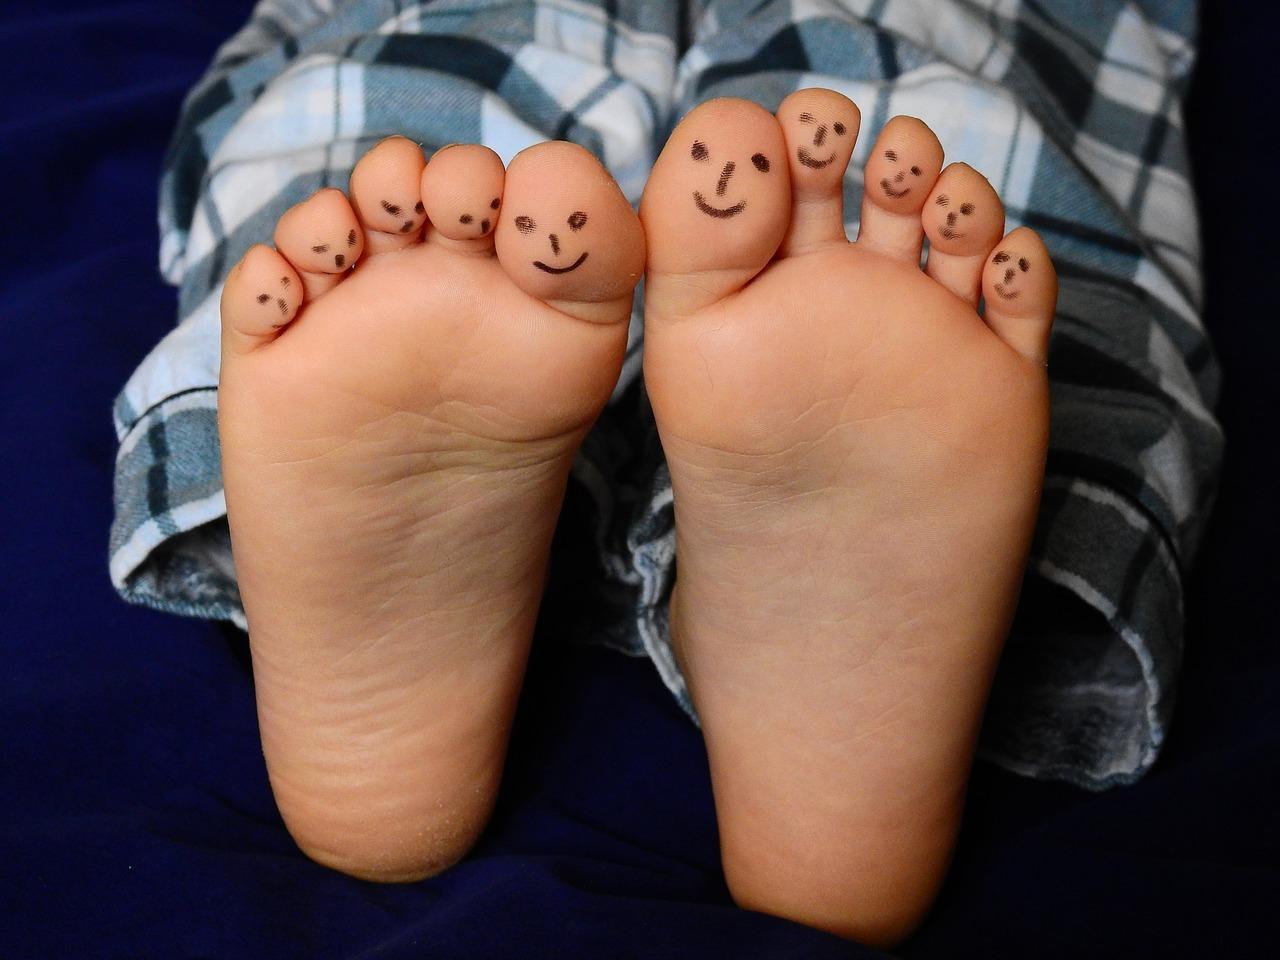 お疲れ足に!症状別セルフフットケアのおすすめ方法